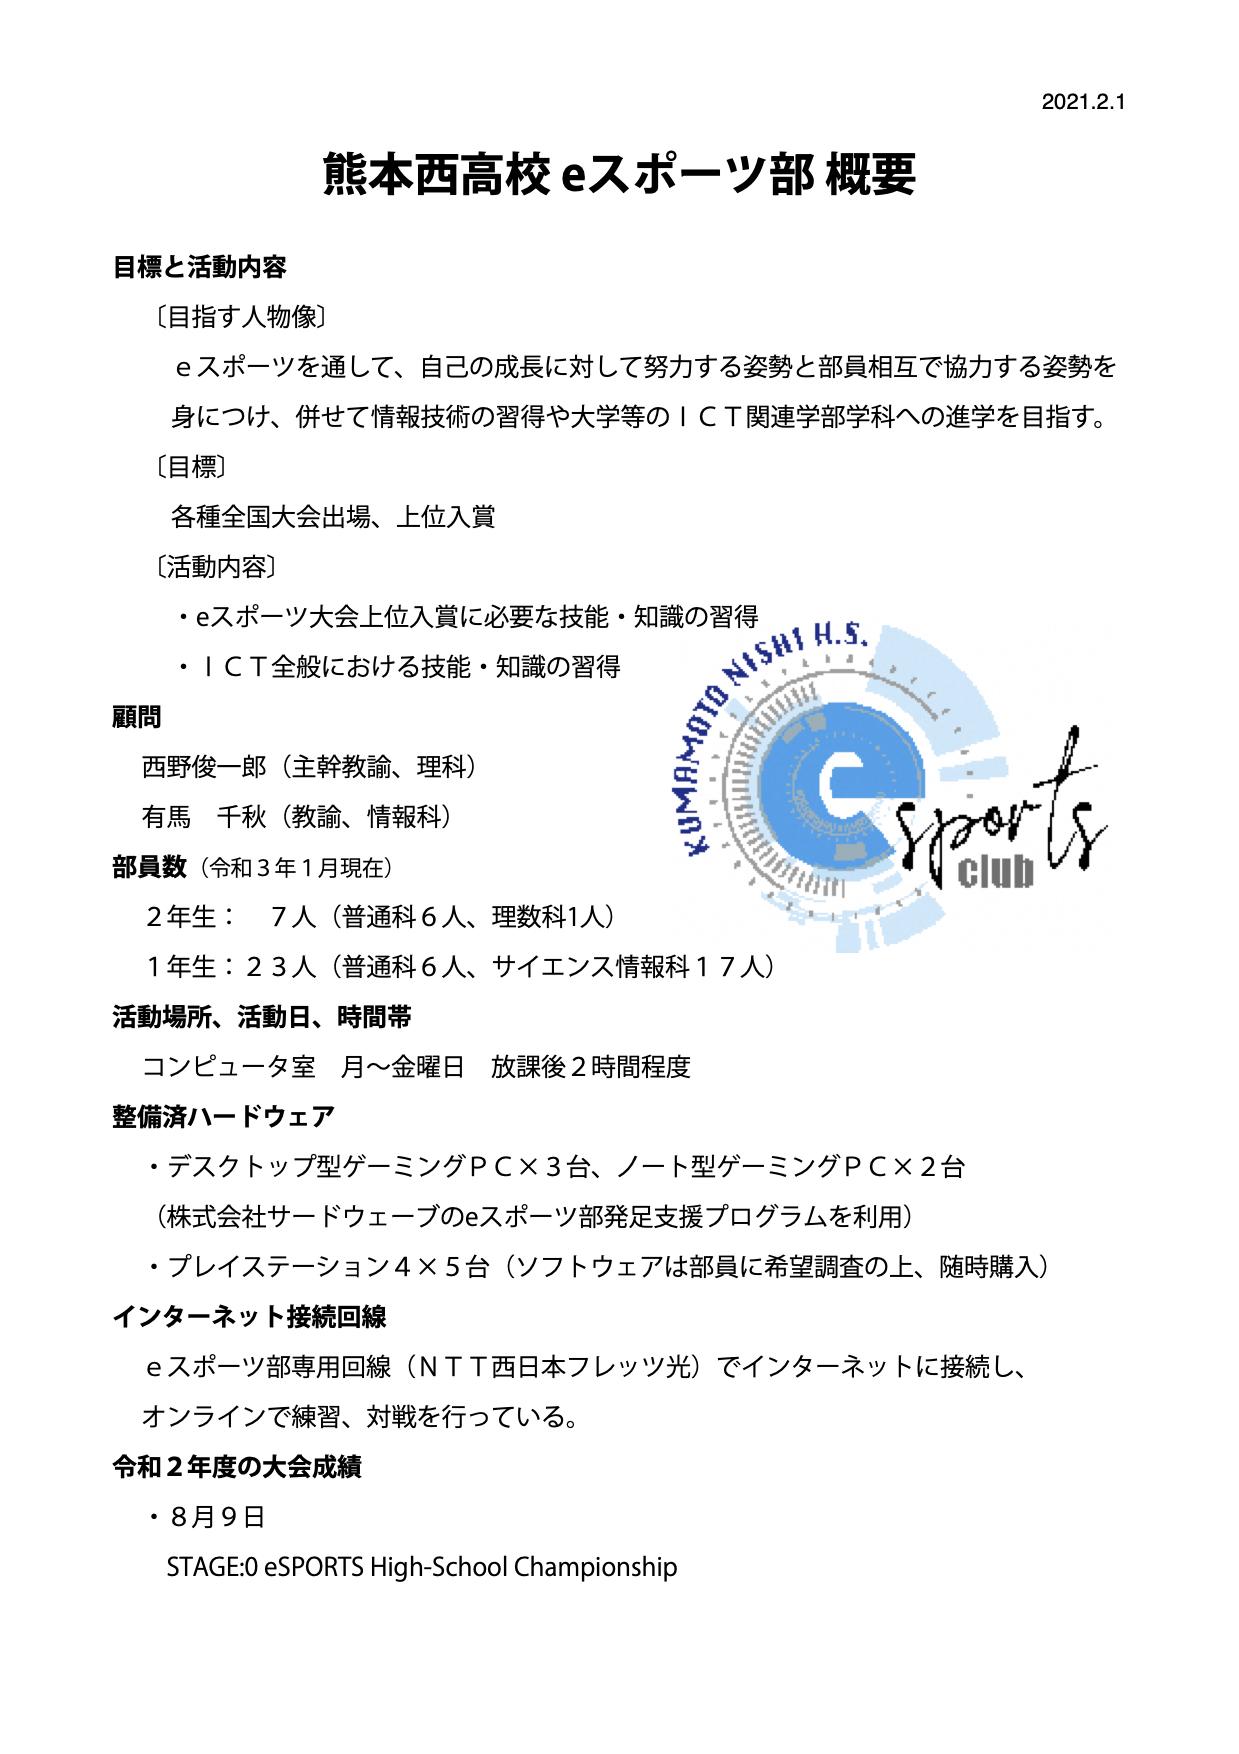 令和3年度 熊本西高等学校eスポーツ部 スポンサー募集について